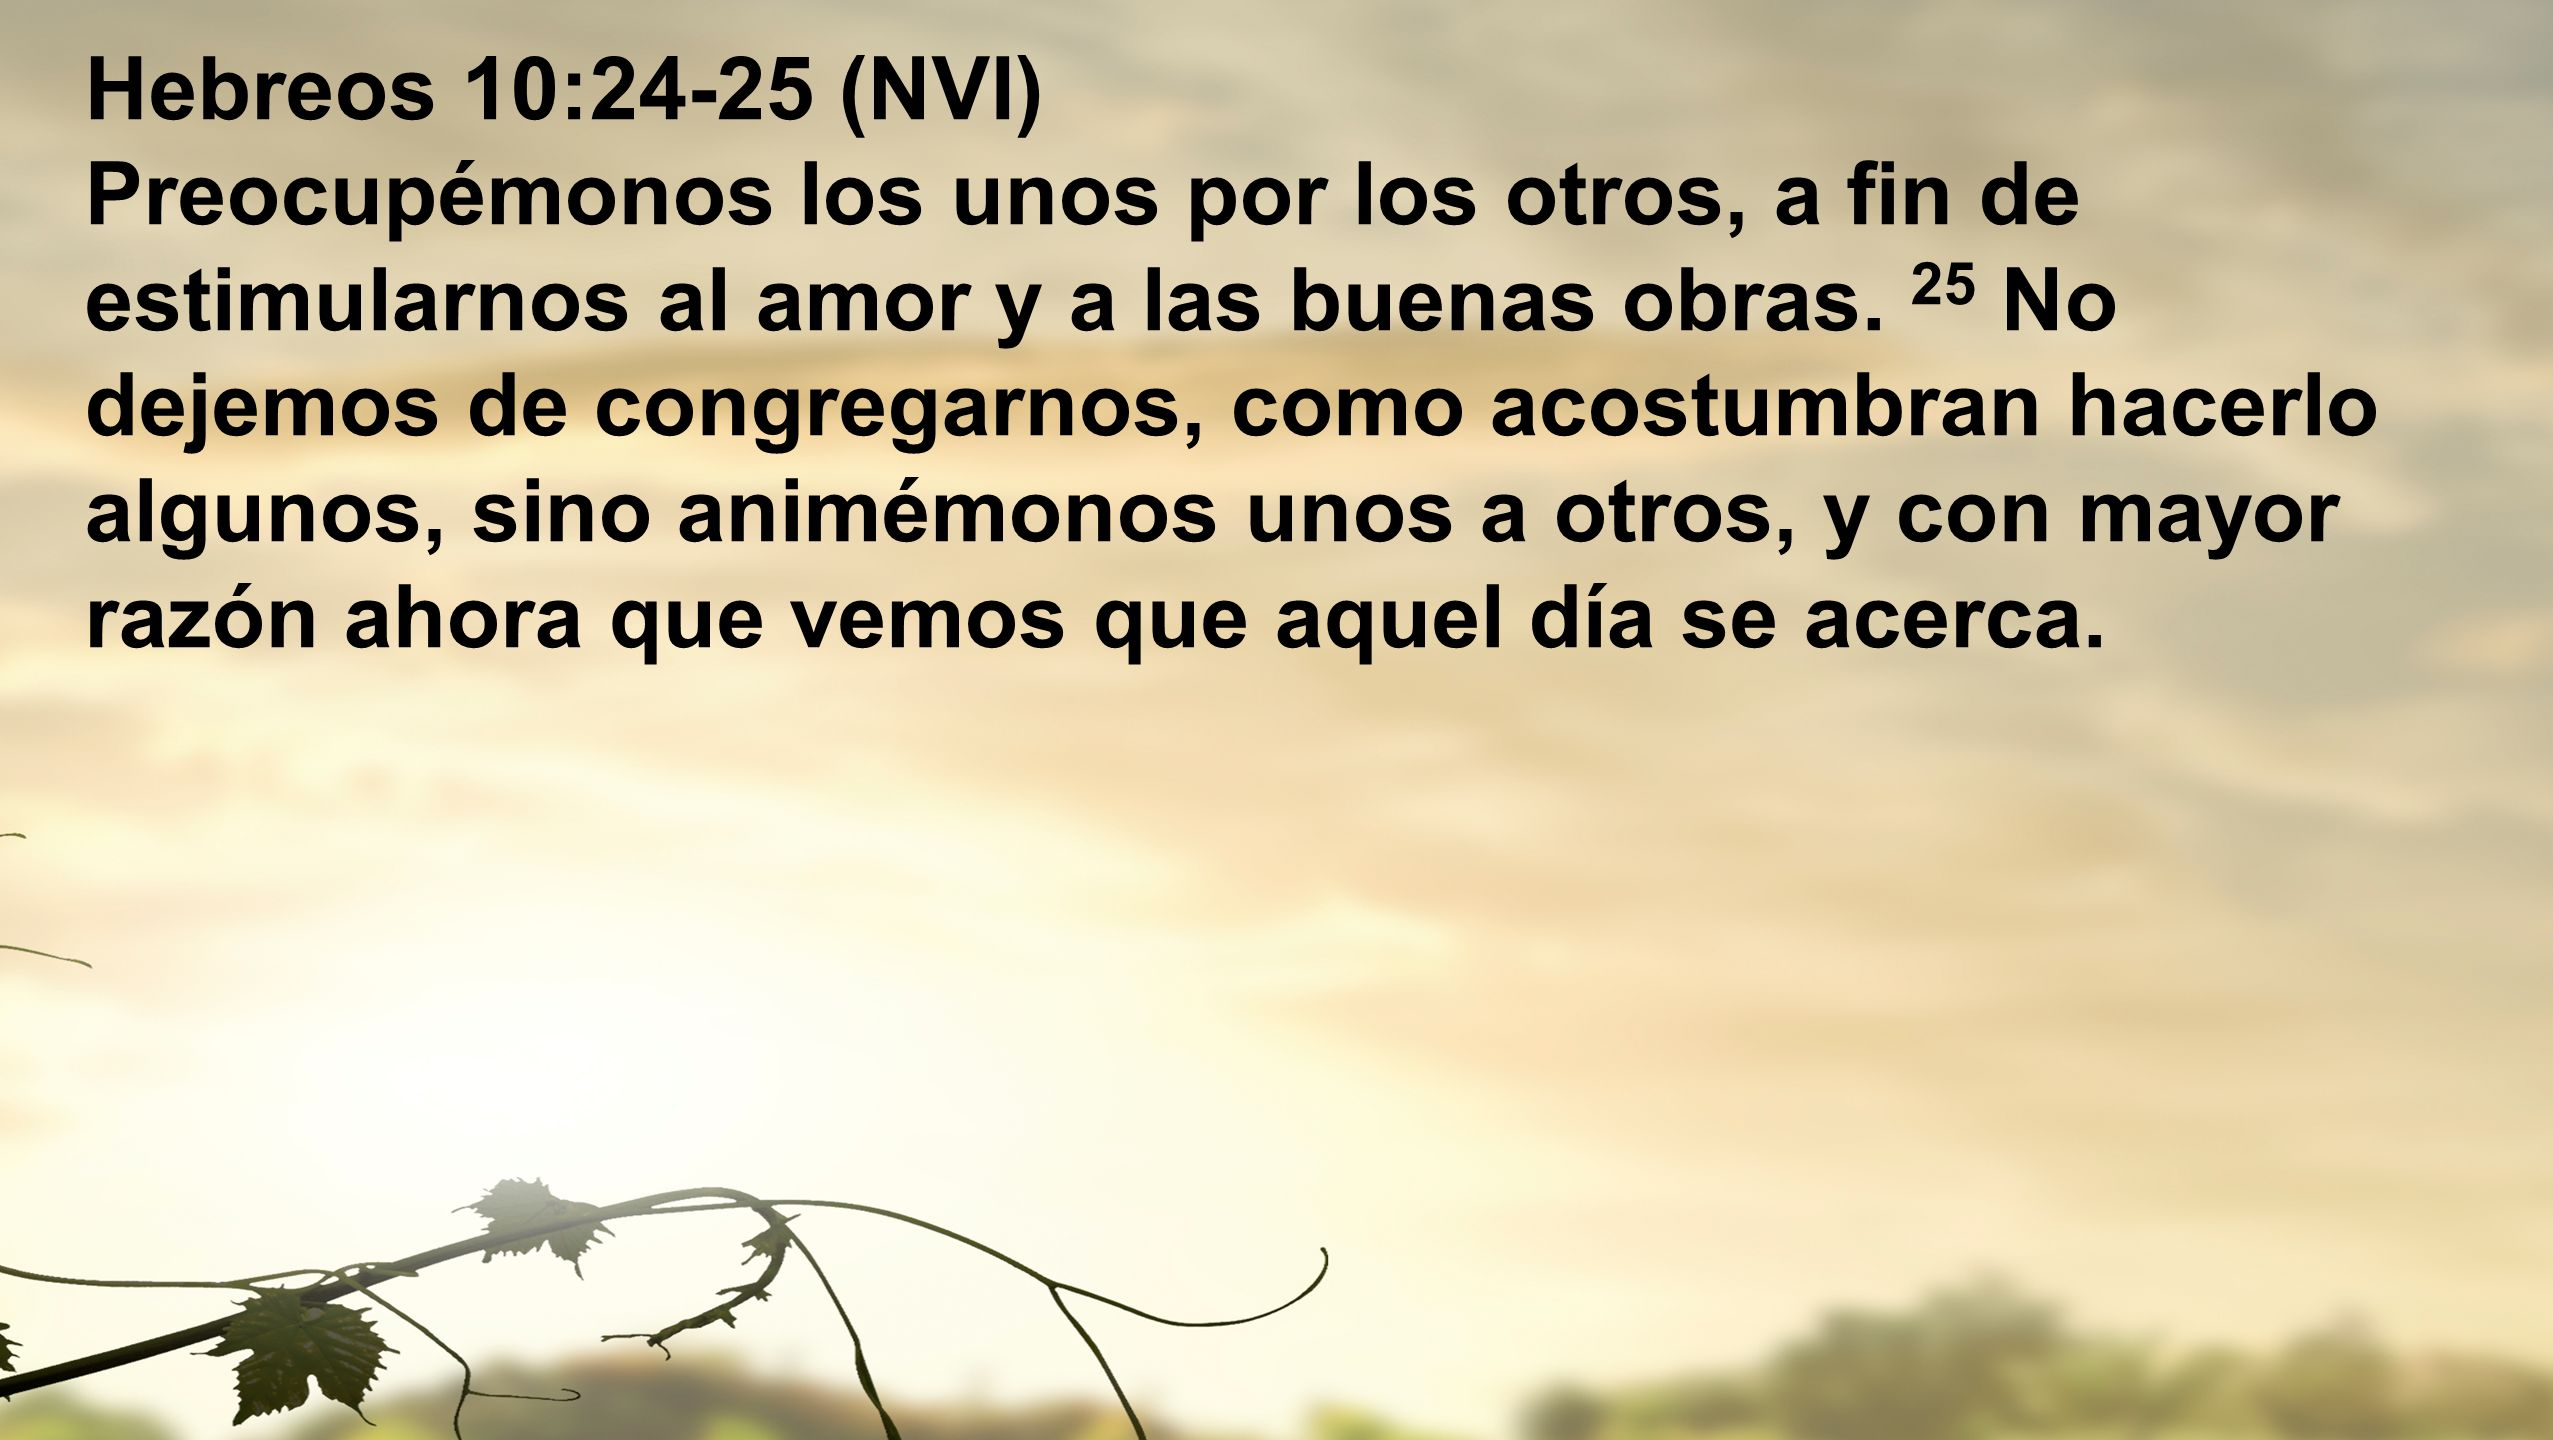 Hebreos 10:24-25 (NVI) Preocupémonos los unos por los otros, a fin de estimularnos al amor y a las buenas obras.